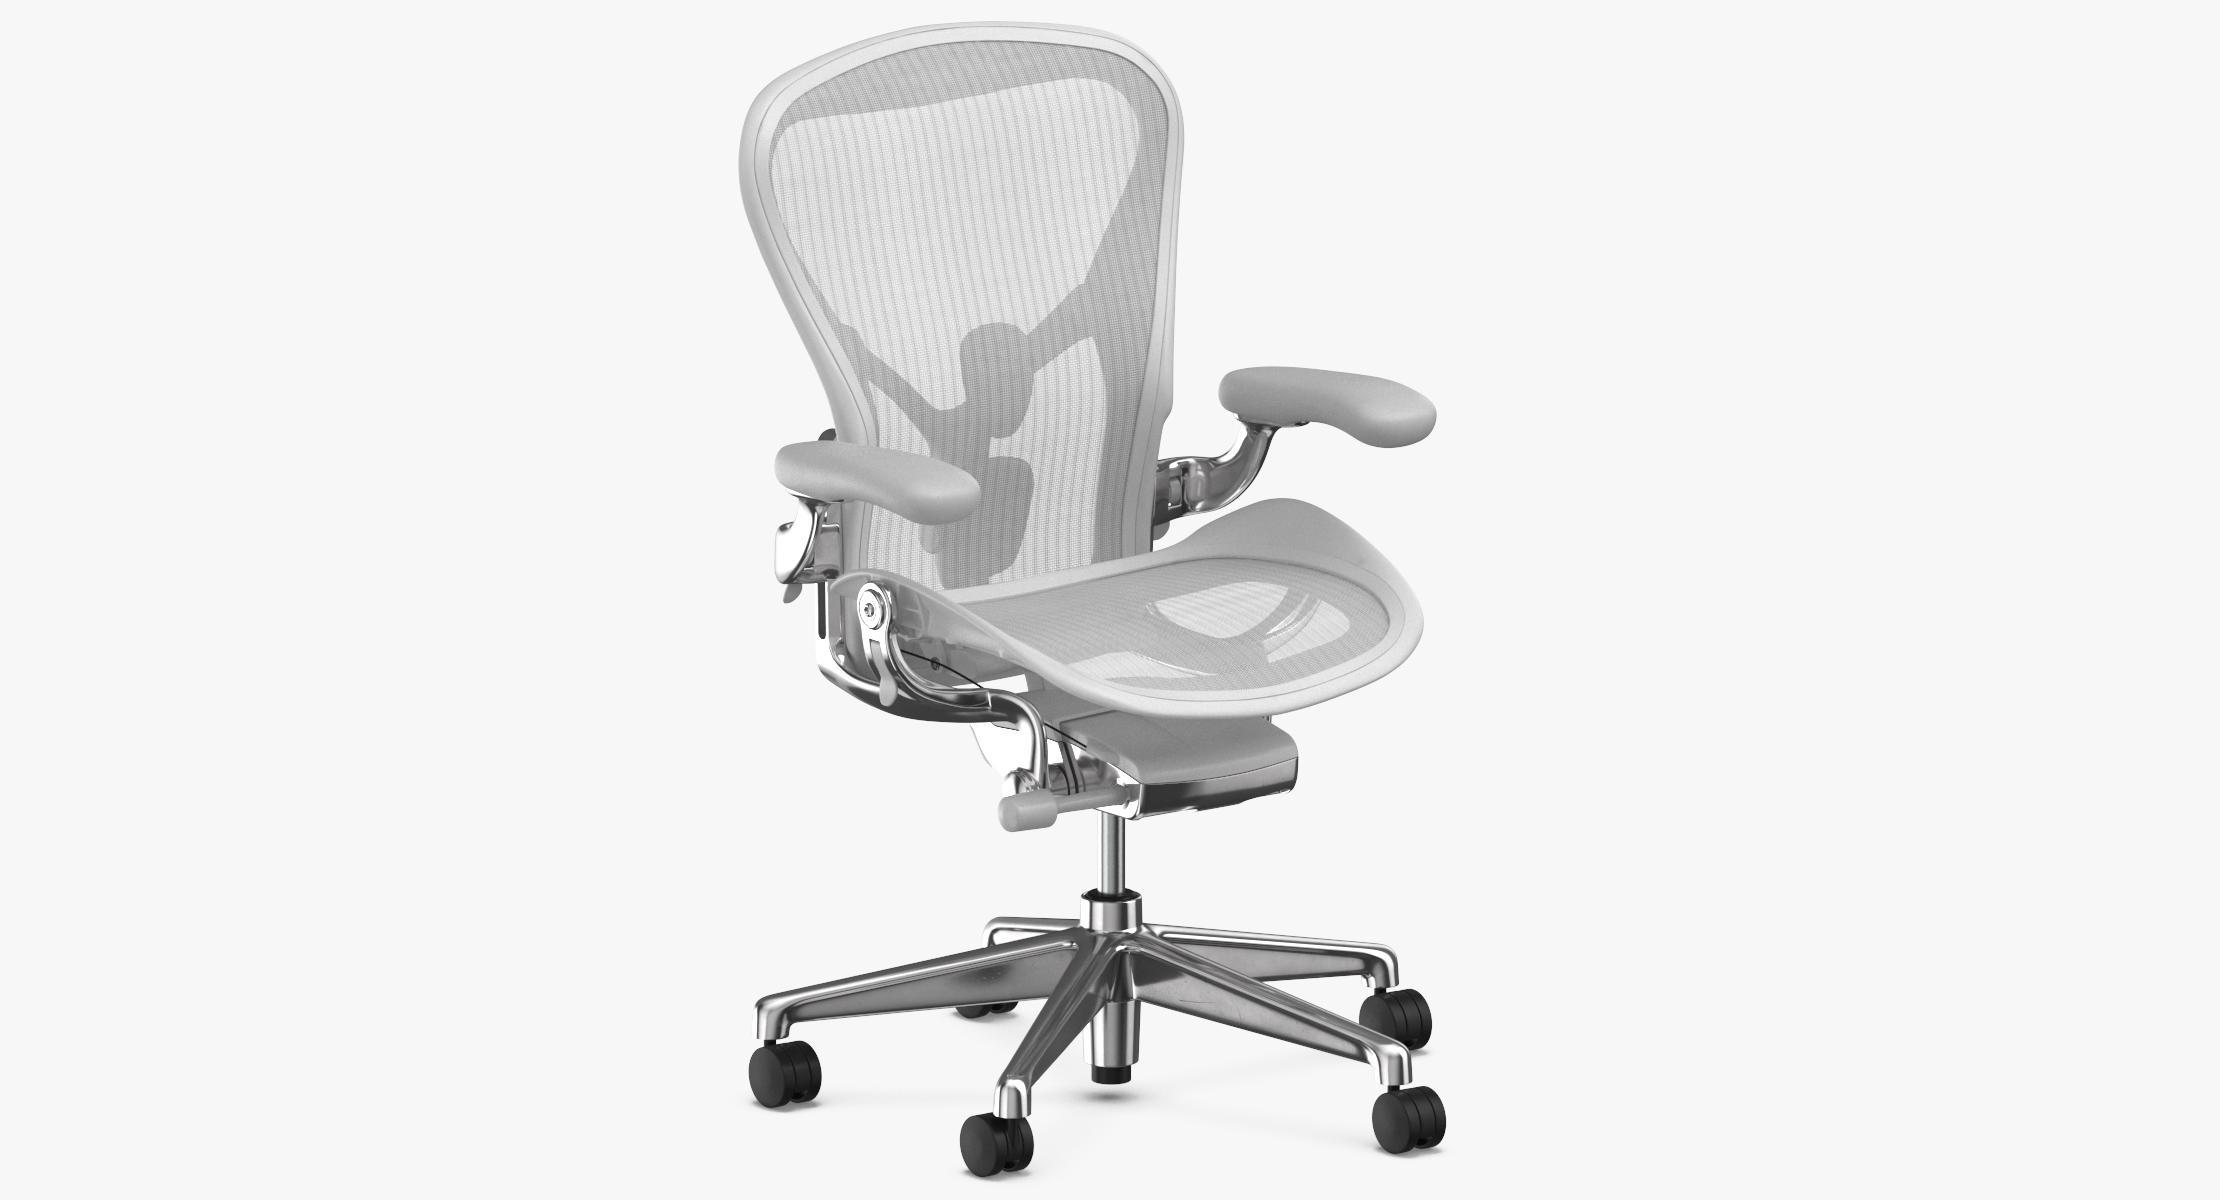 Herman Miller Aeron Chair - 03 - reel 1